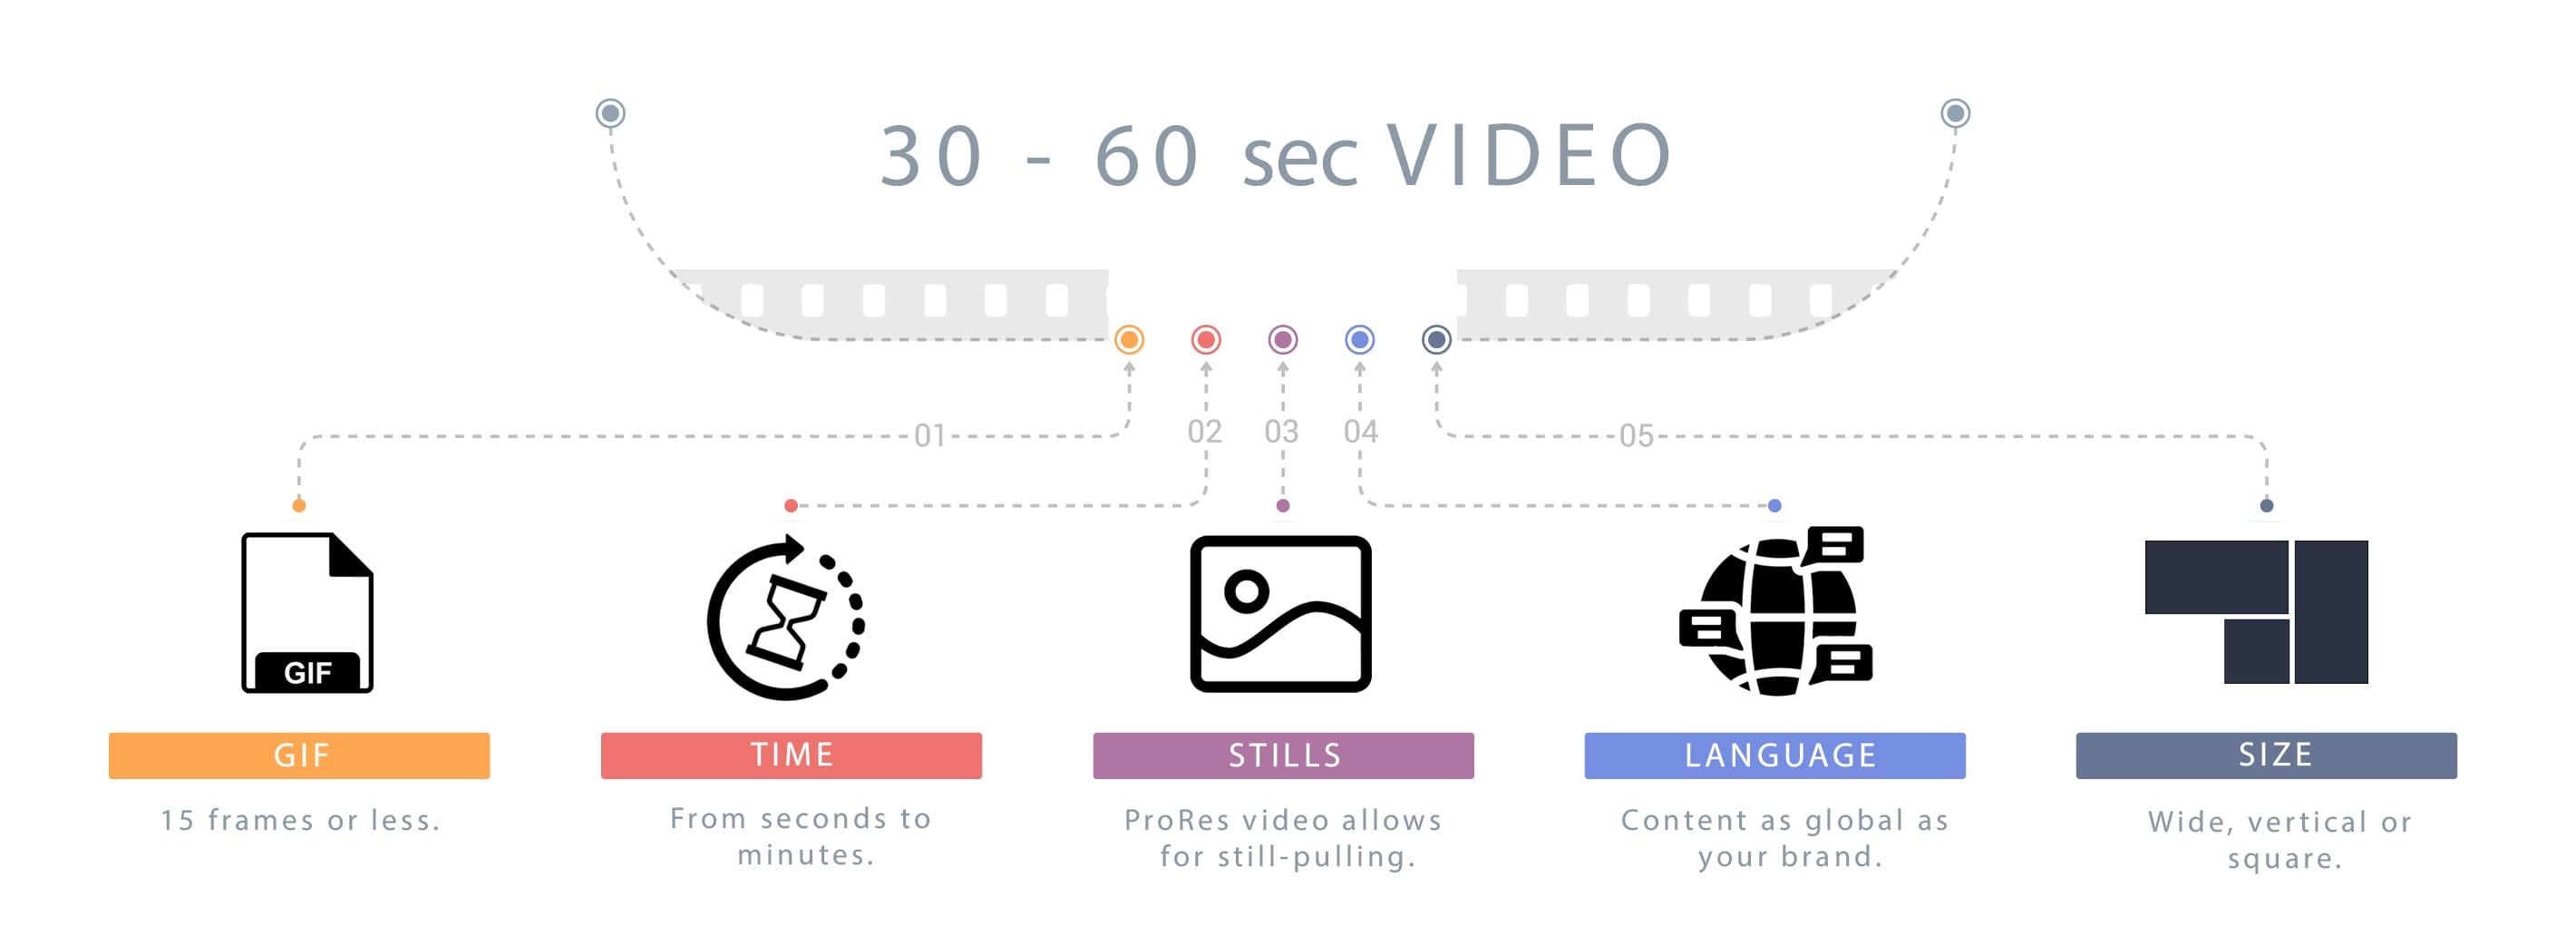 30-60 Second Videos